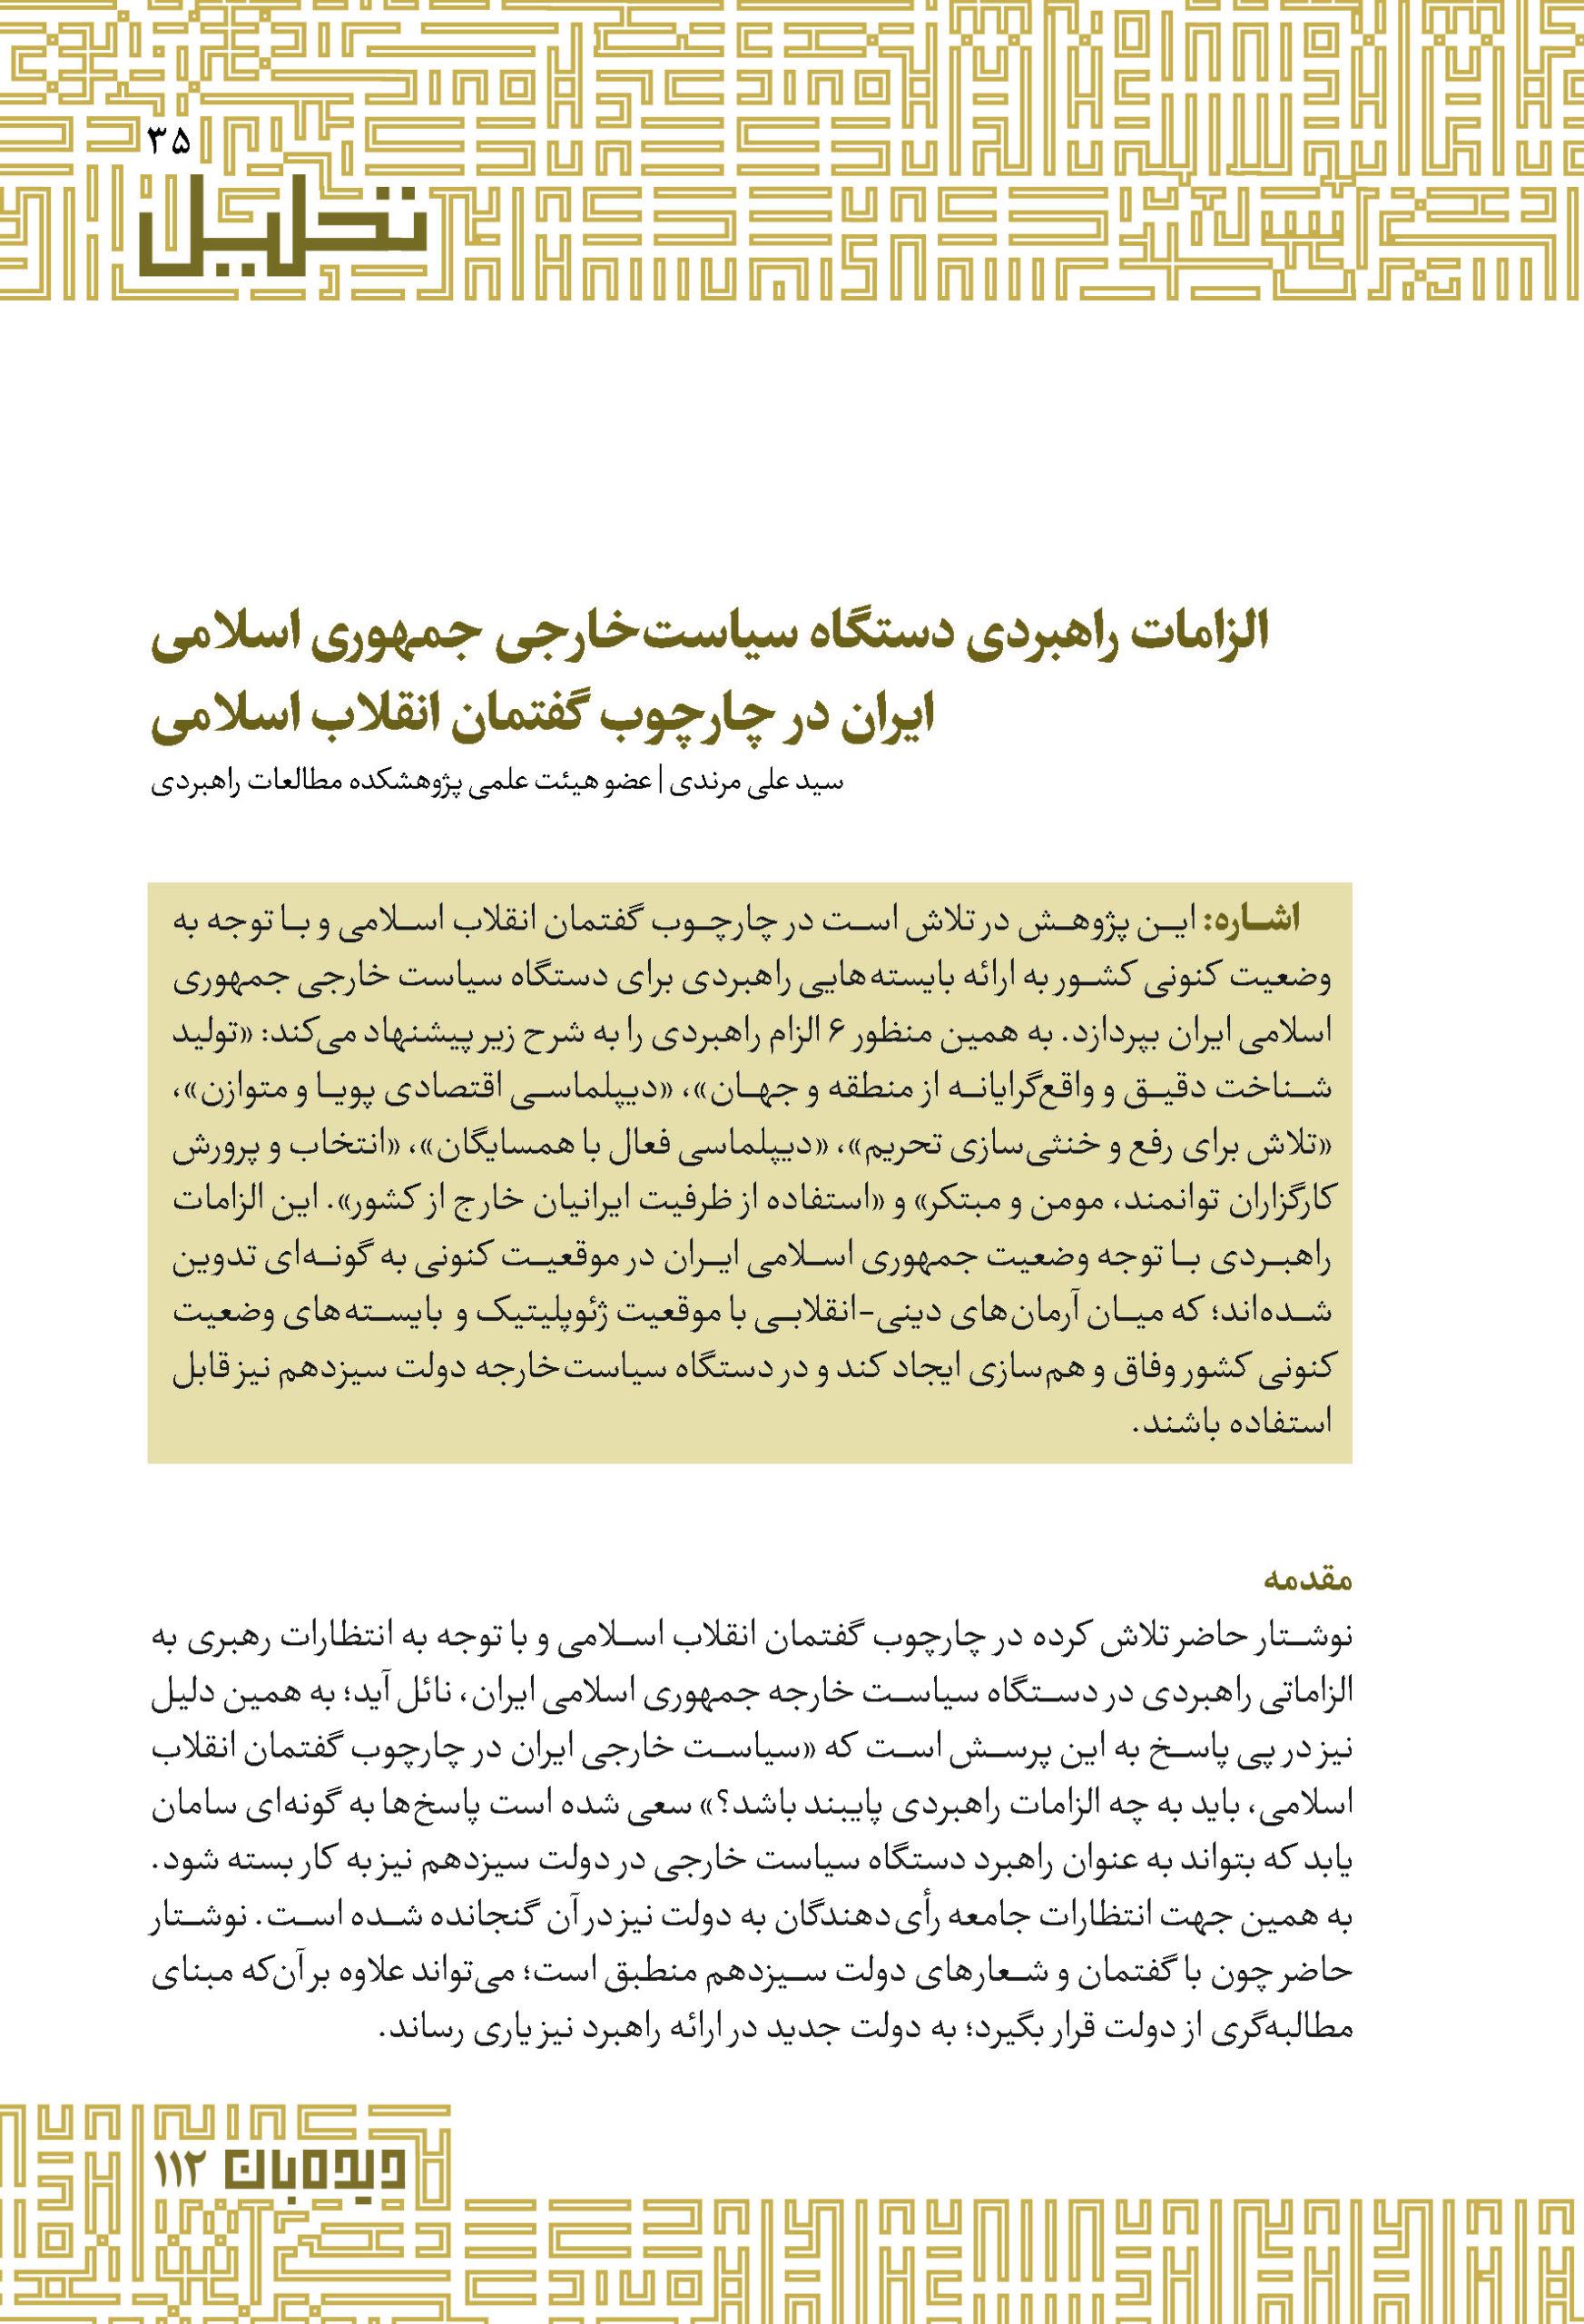 الزامات راهبردی دستگاه سیاستخارجی در چارچوب گفتمان انقلاب اسلامی